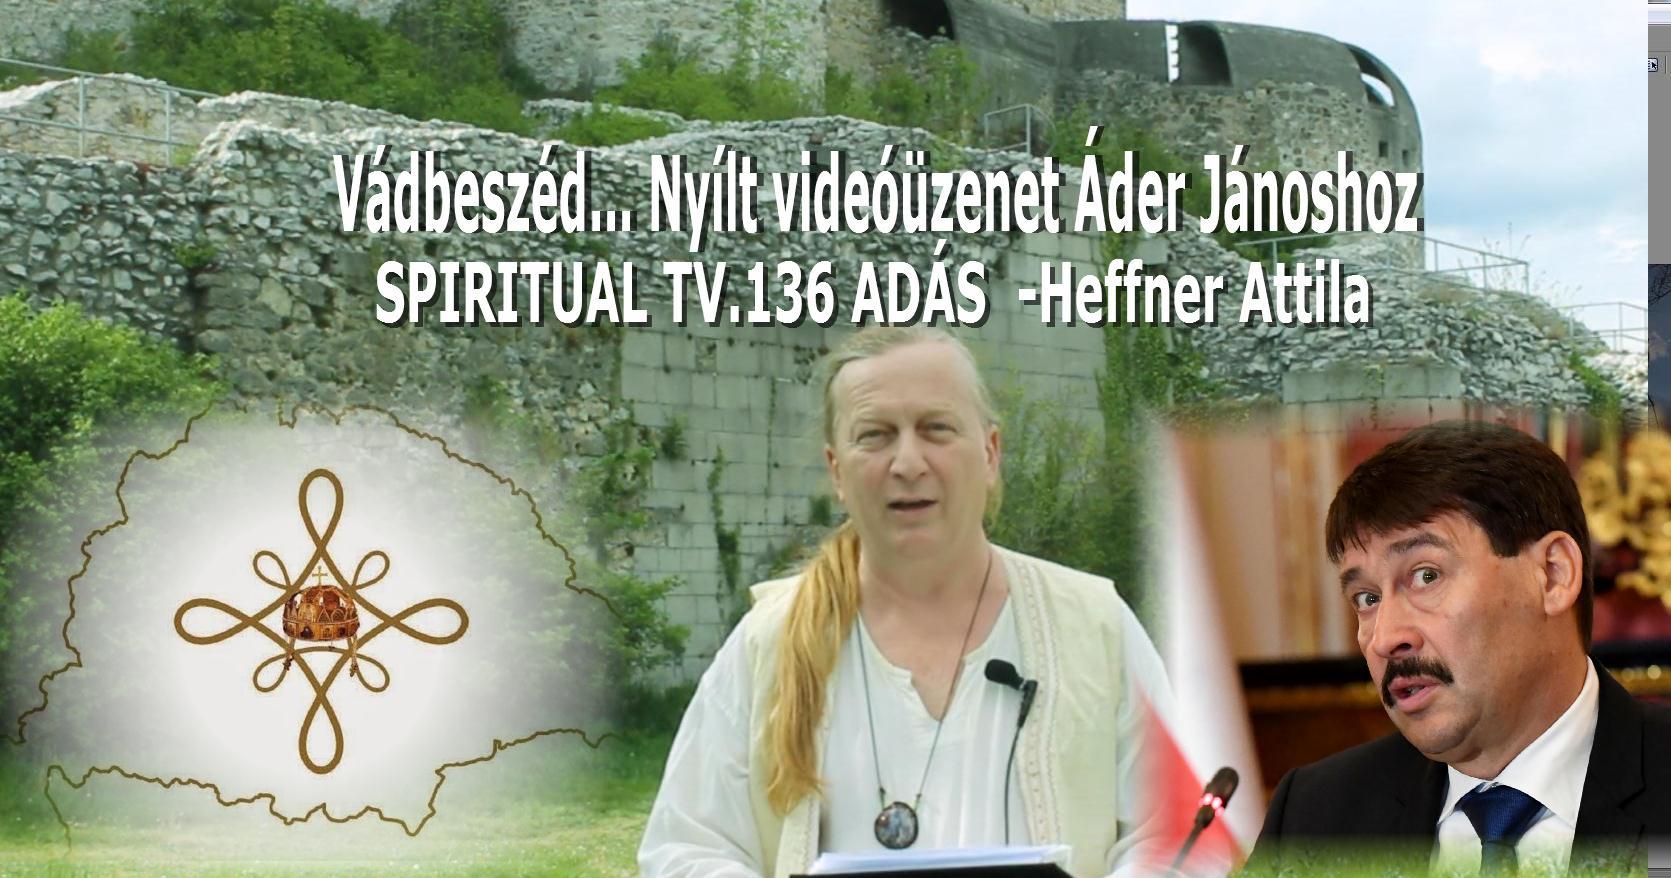 www.spiritualtv.hu 2020.04.29.